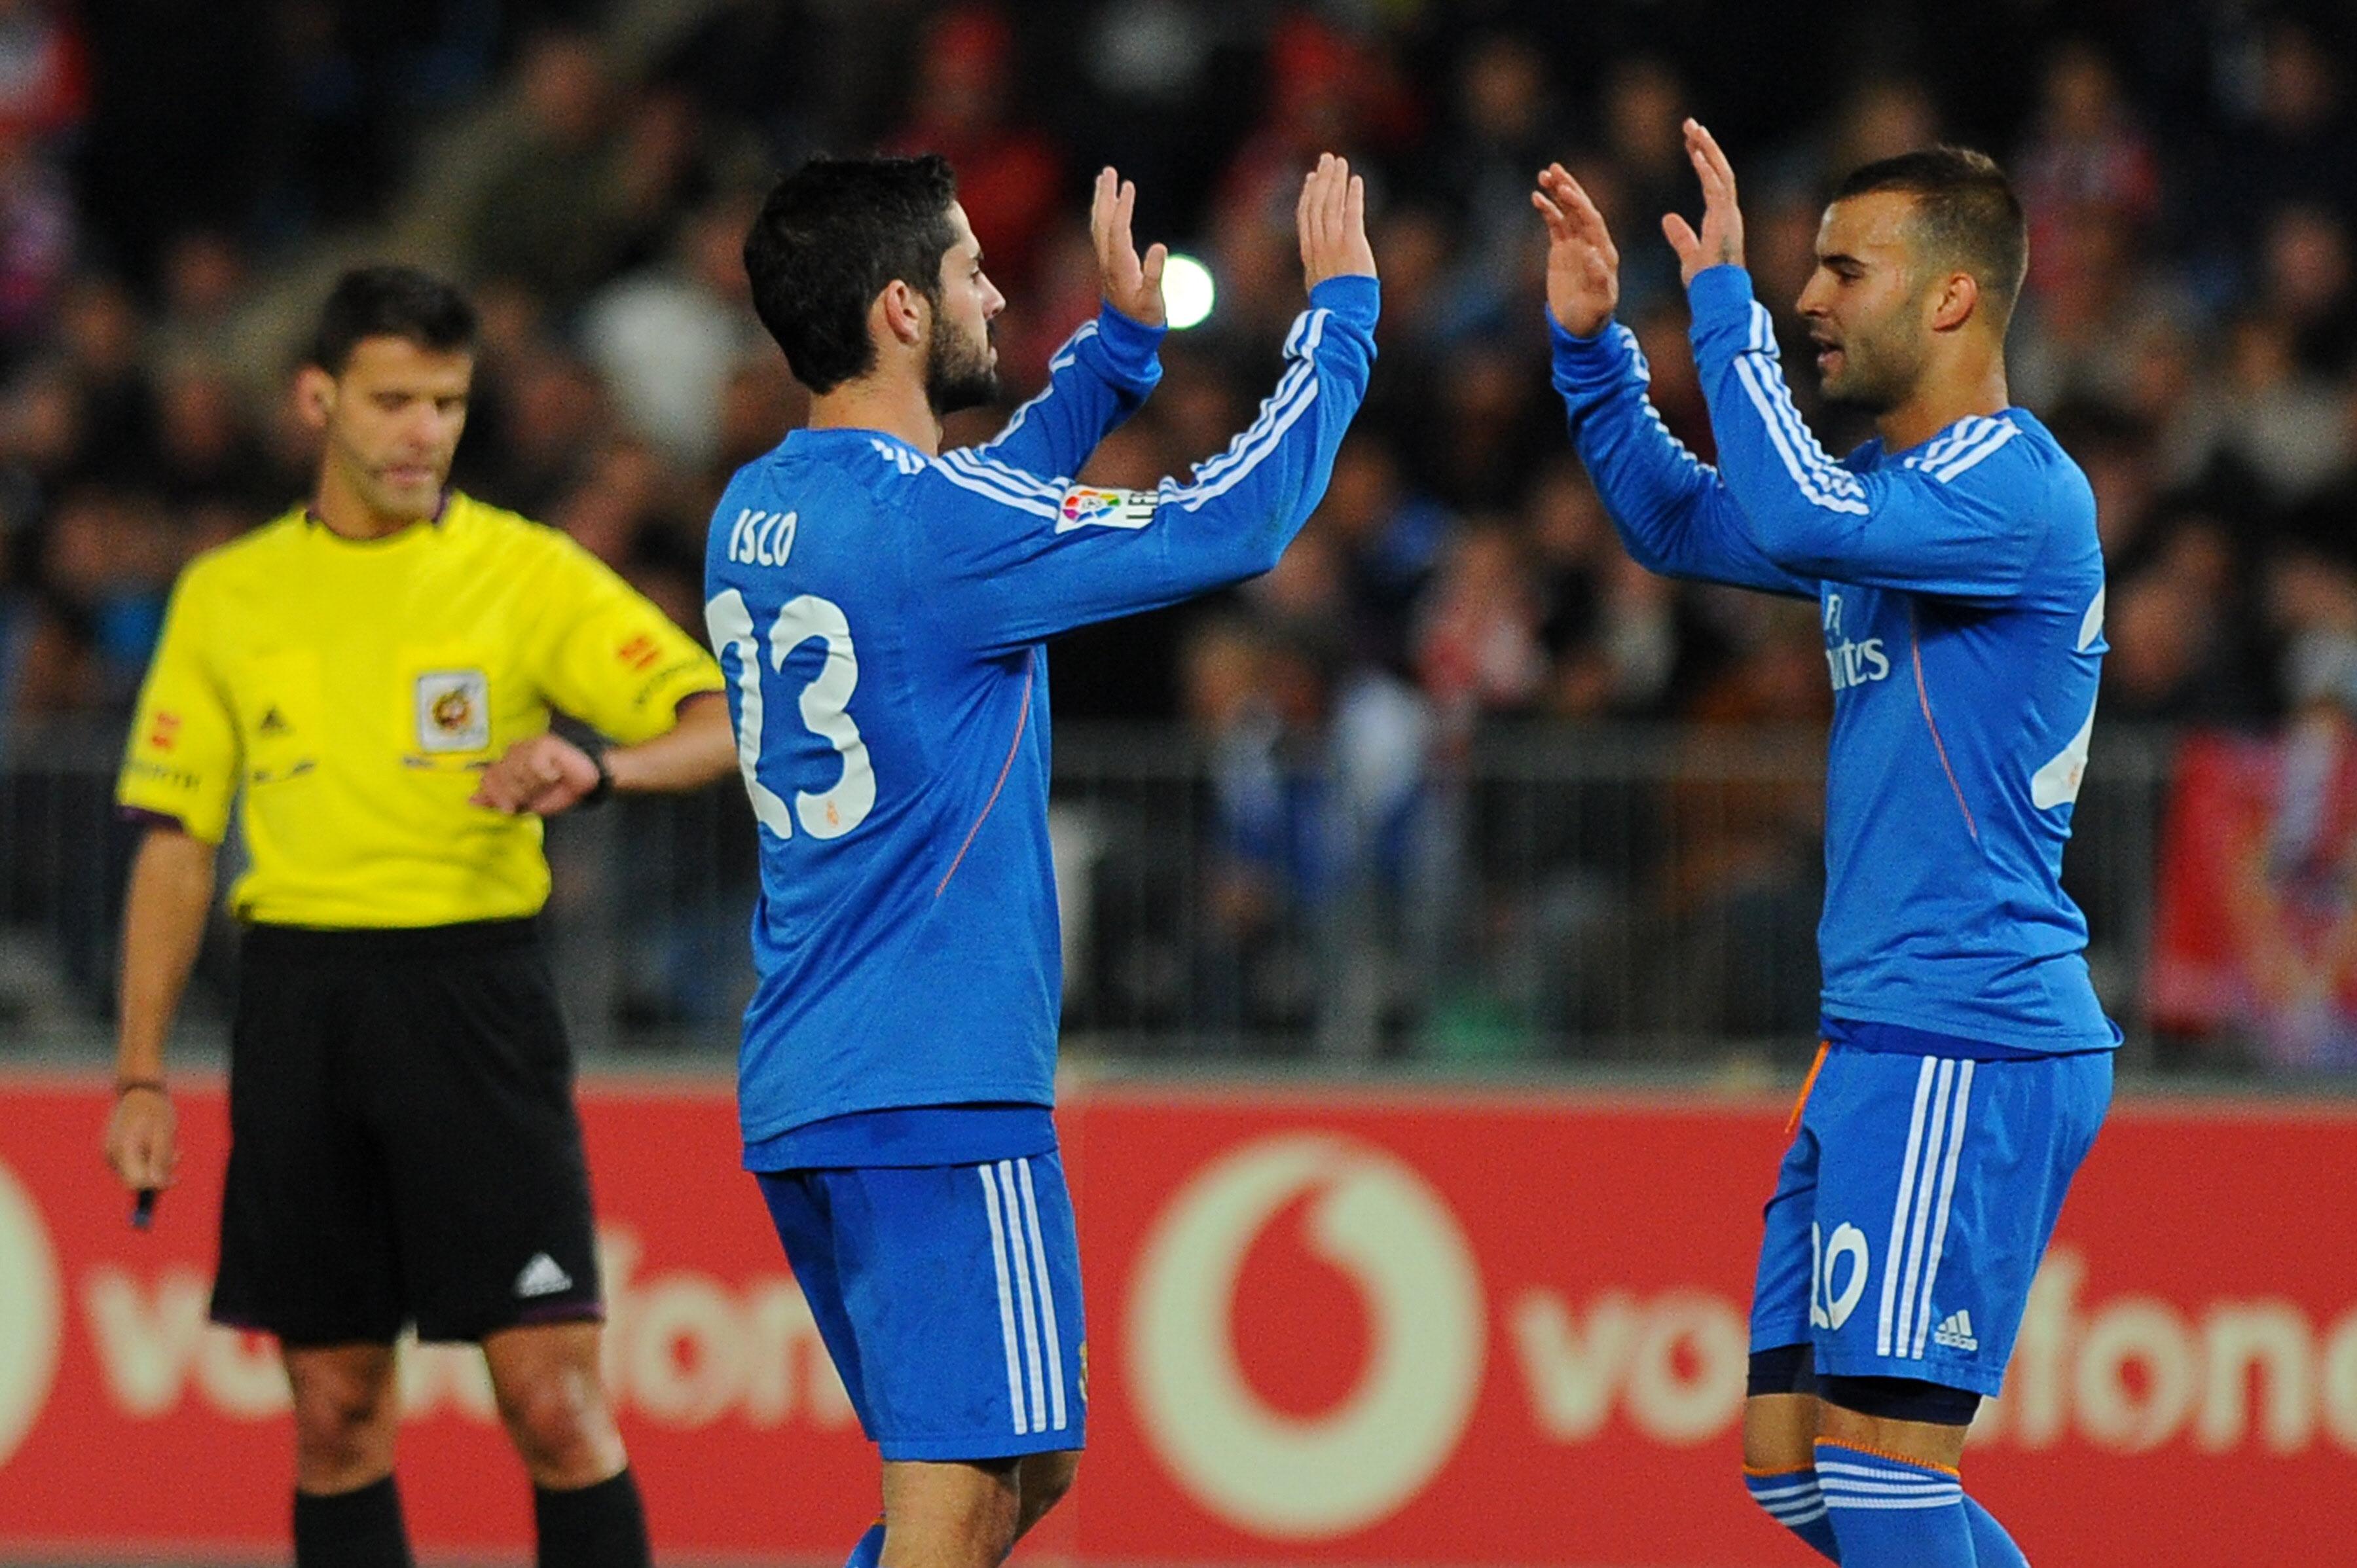 El Madrid golea en Almería